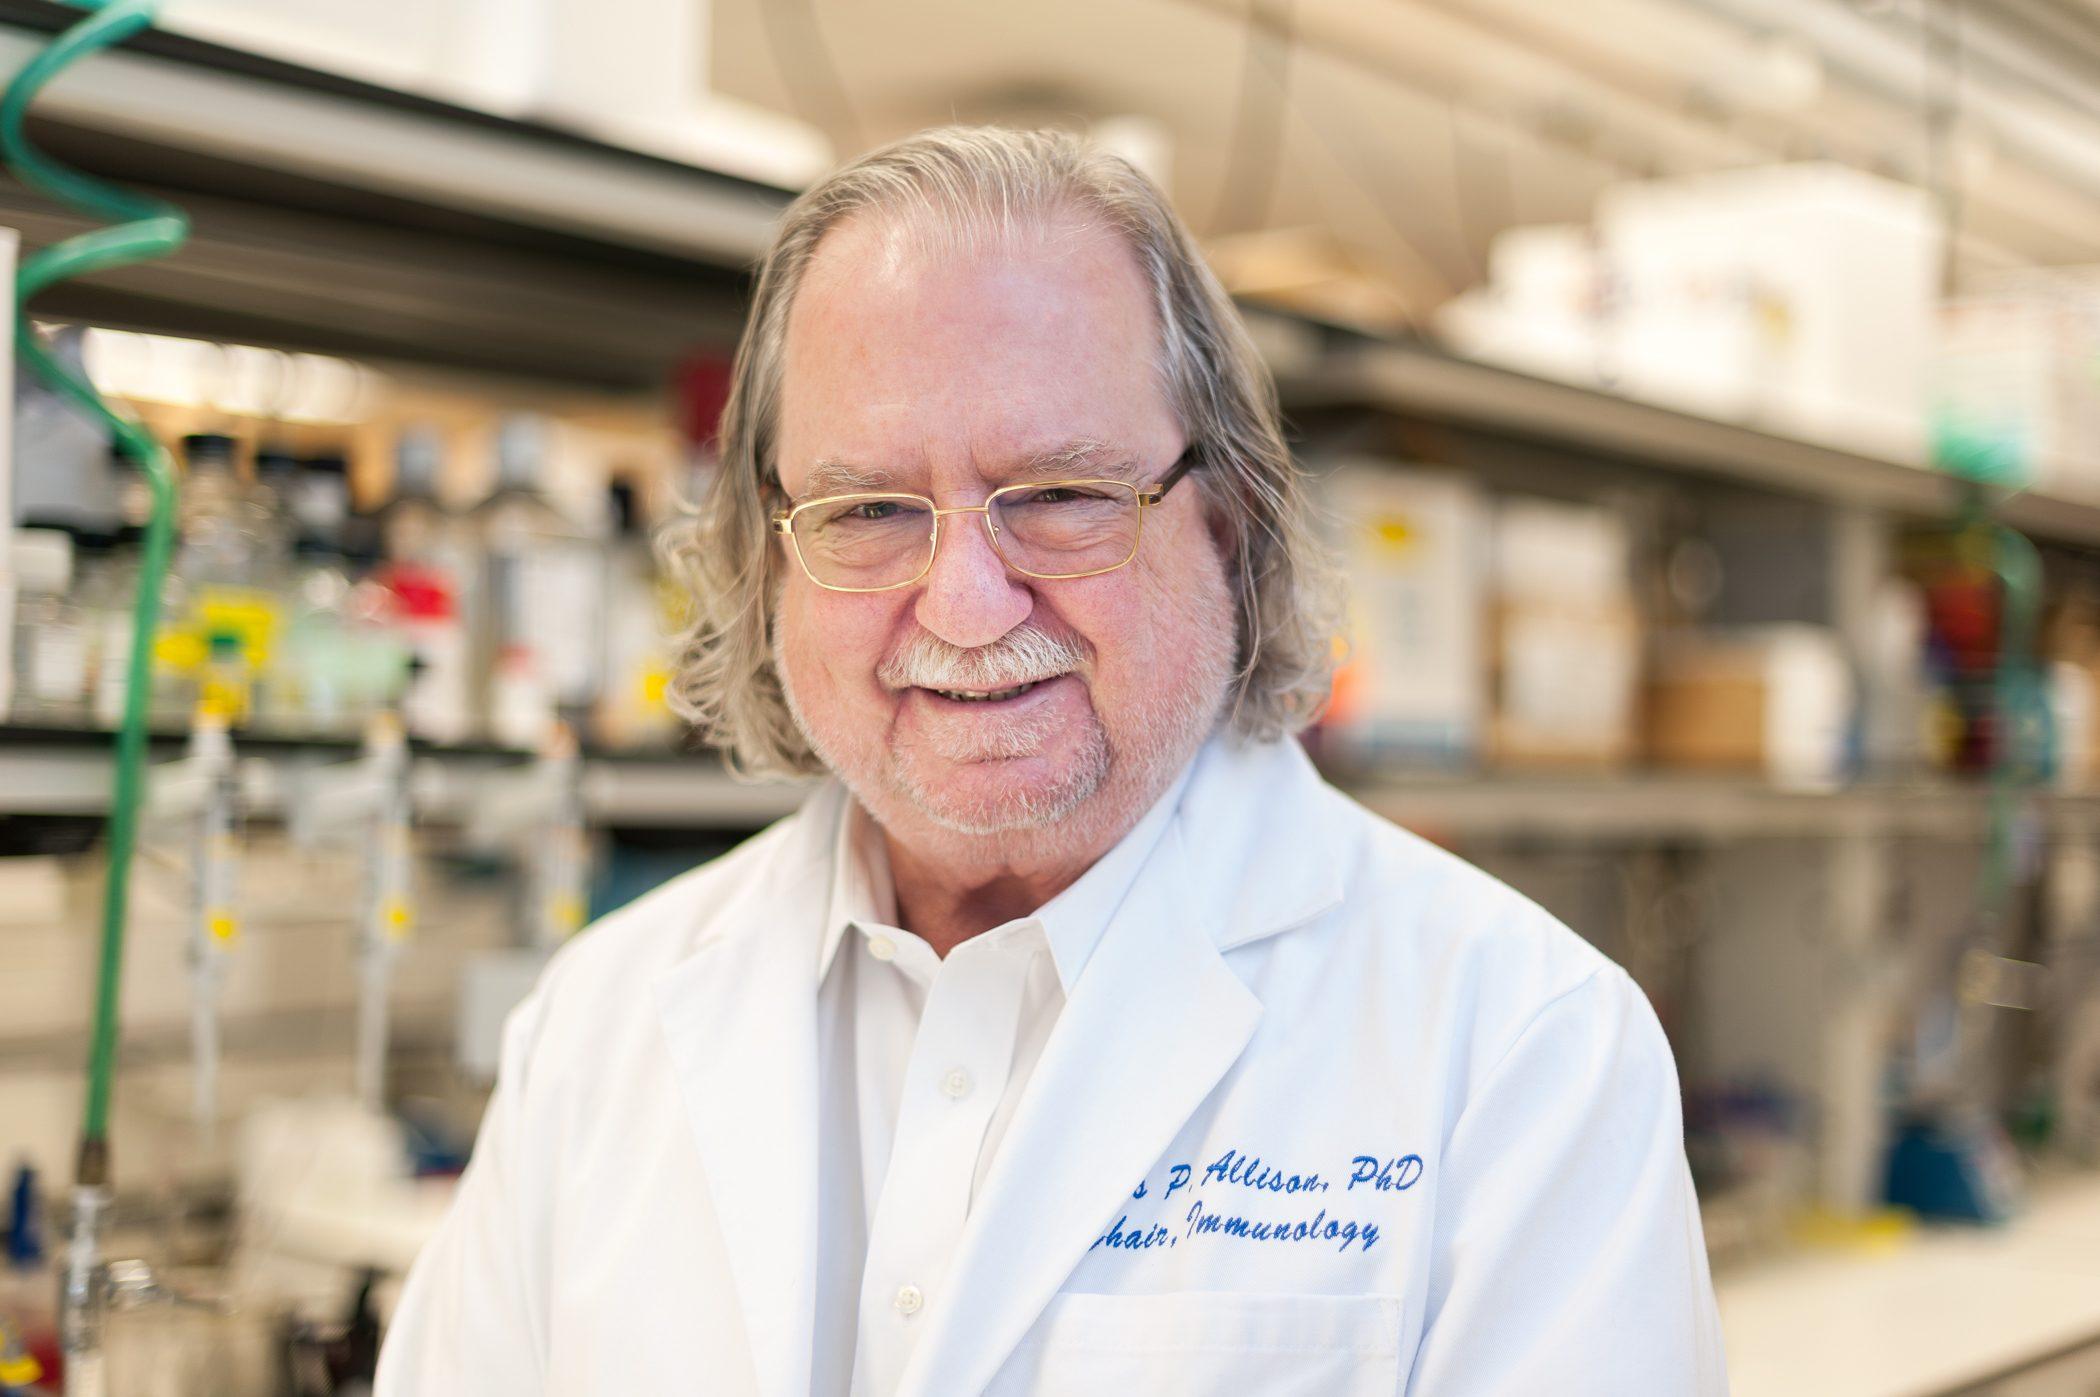 새로운 항암 치료의 길을 열어 2018 노벨 생리의학상을 수상한 제임스 앨리슨 박사.